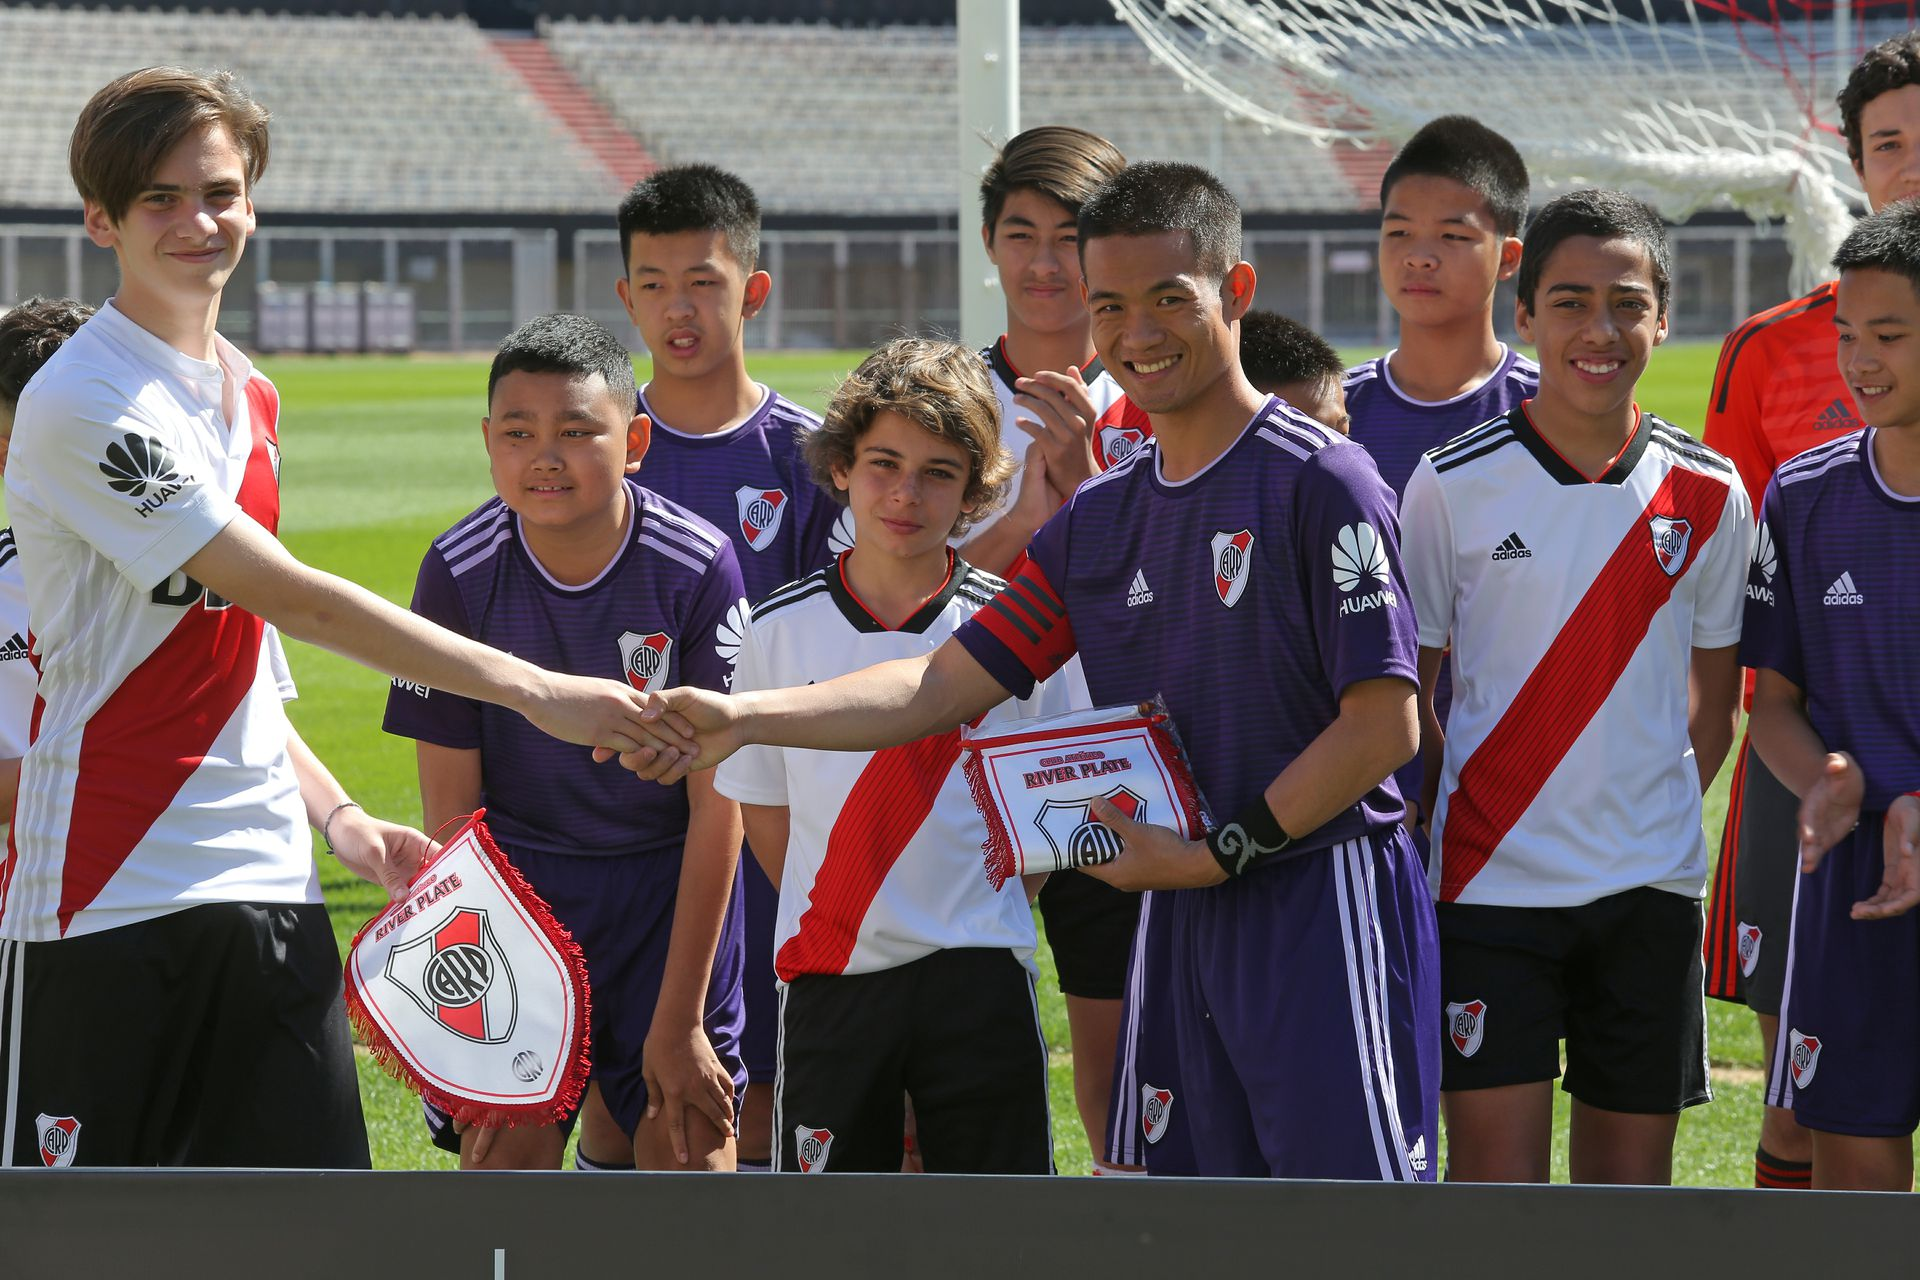 Los Jabalíes Salvajes jugaron ayer al fútbol en el Monumental